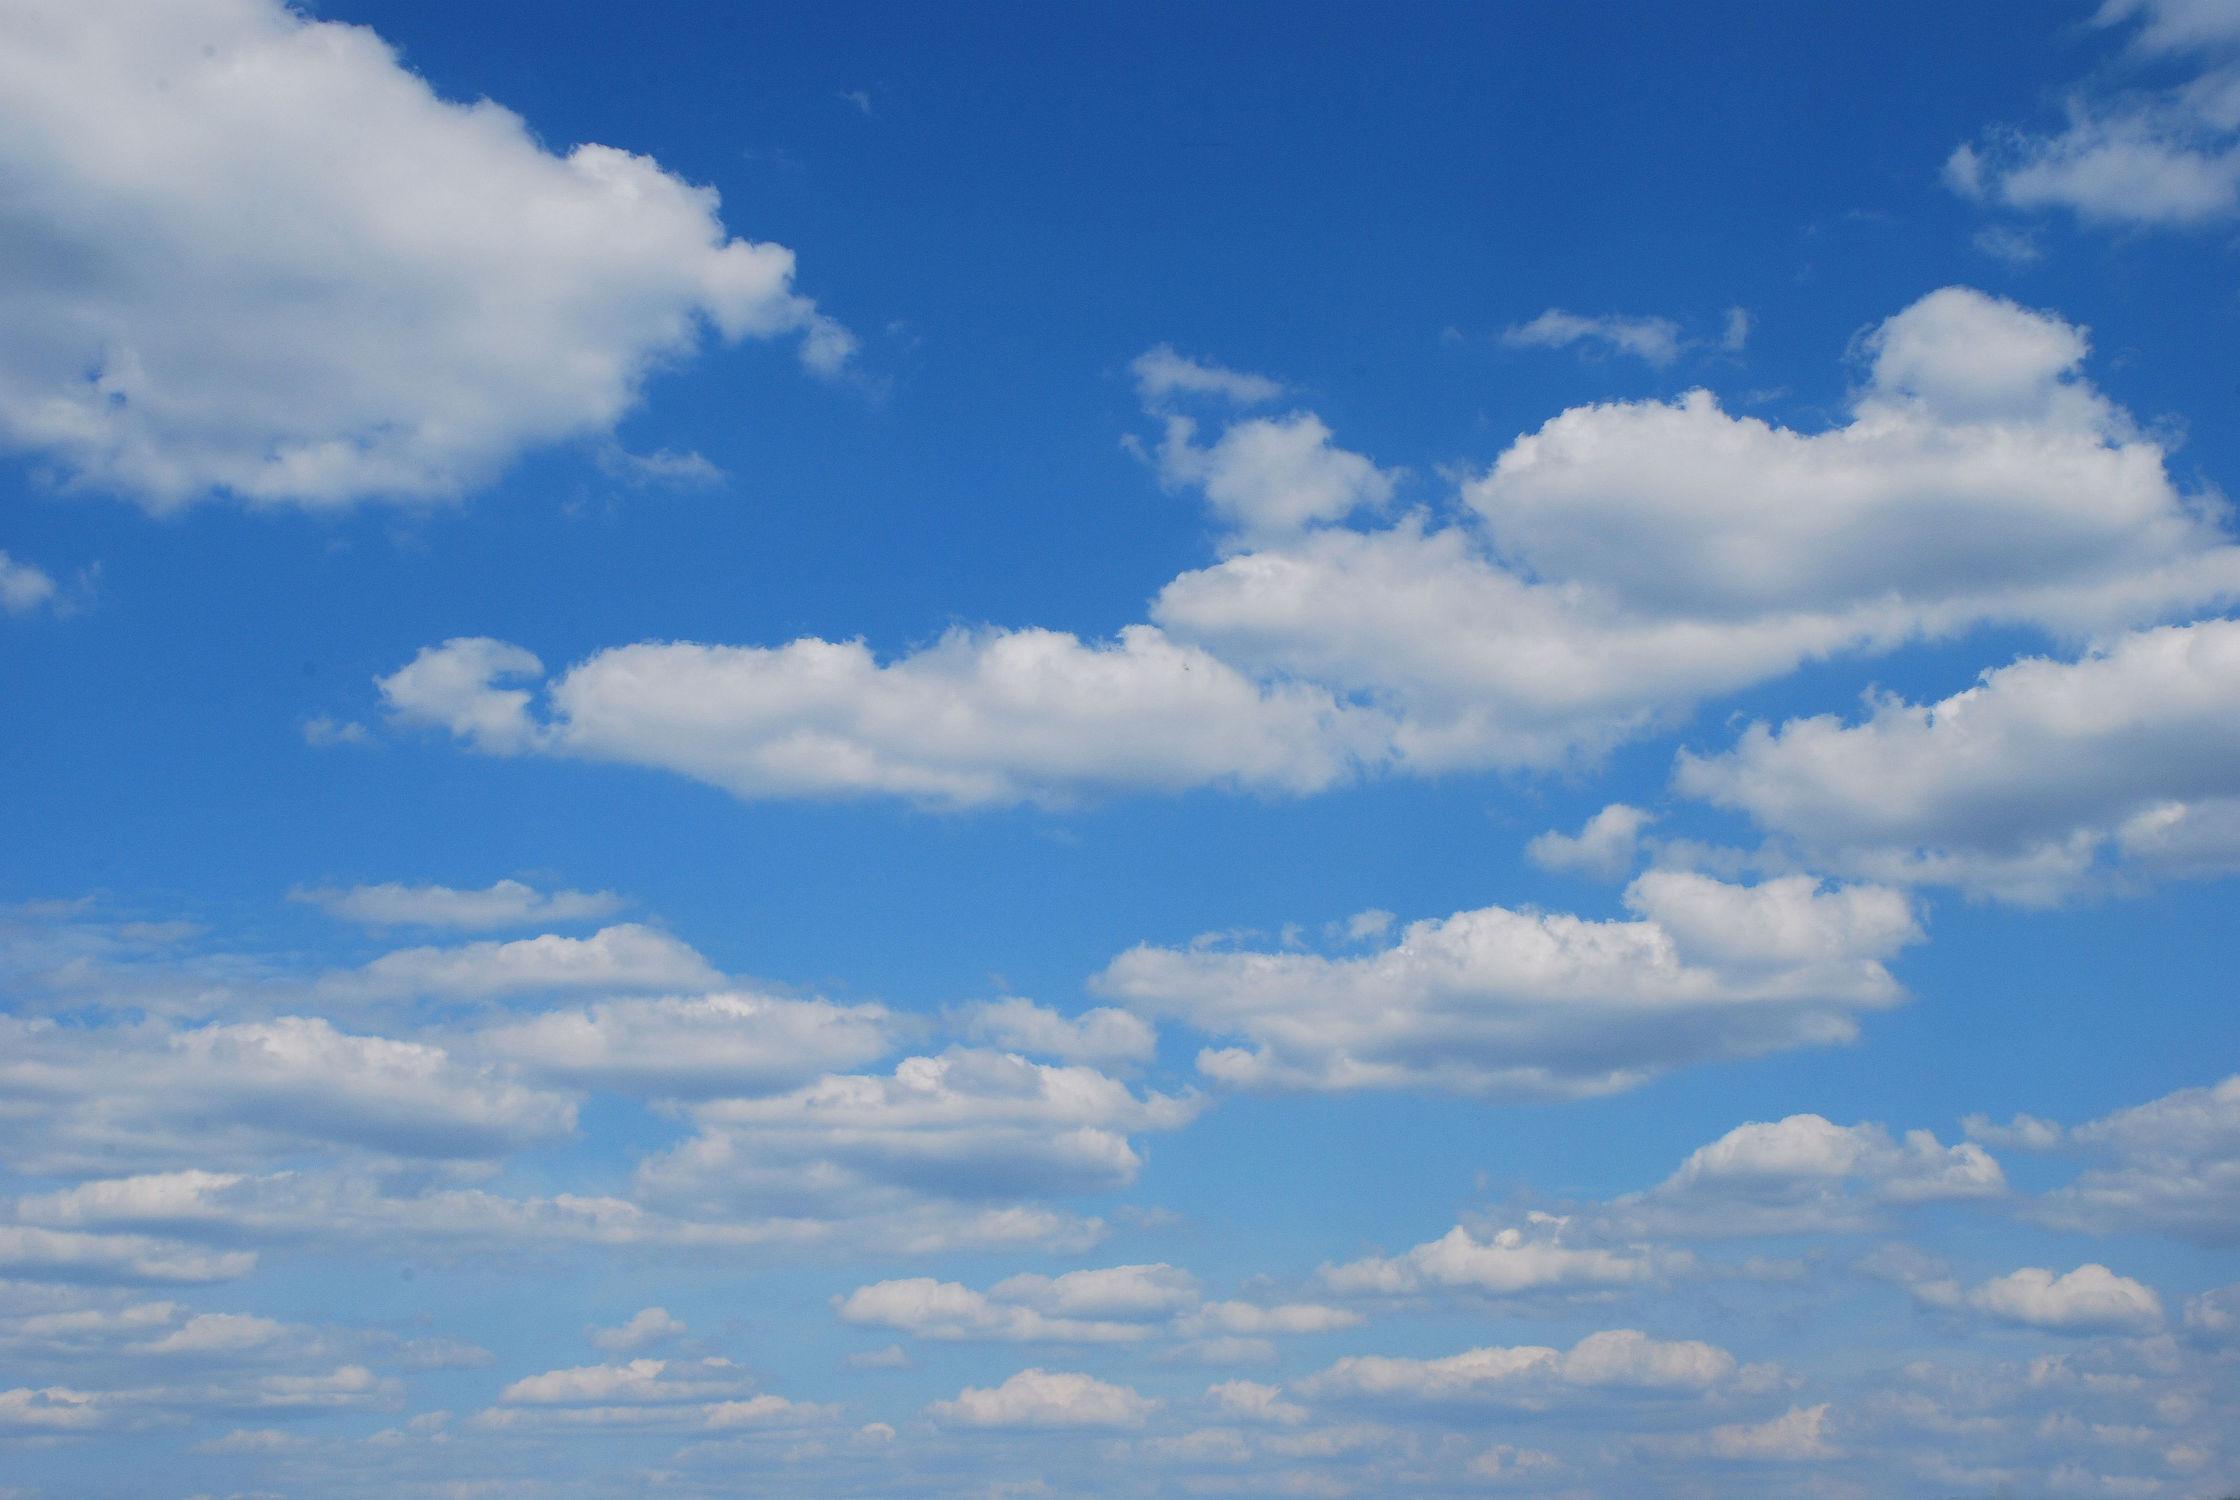 Bild mit Himmel, Wolken, Wolkenhimmel, Wolkengebilde, Sky, Wolke